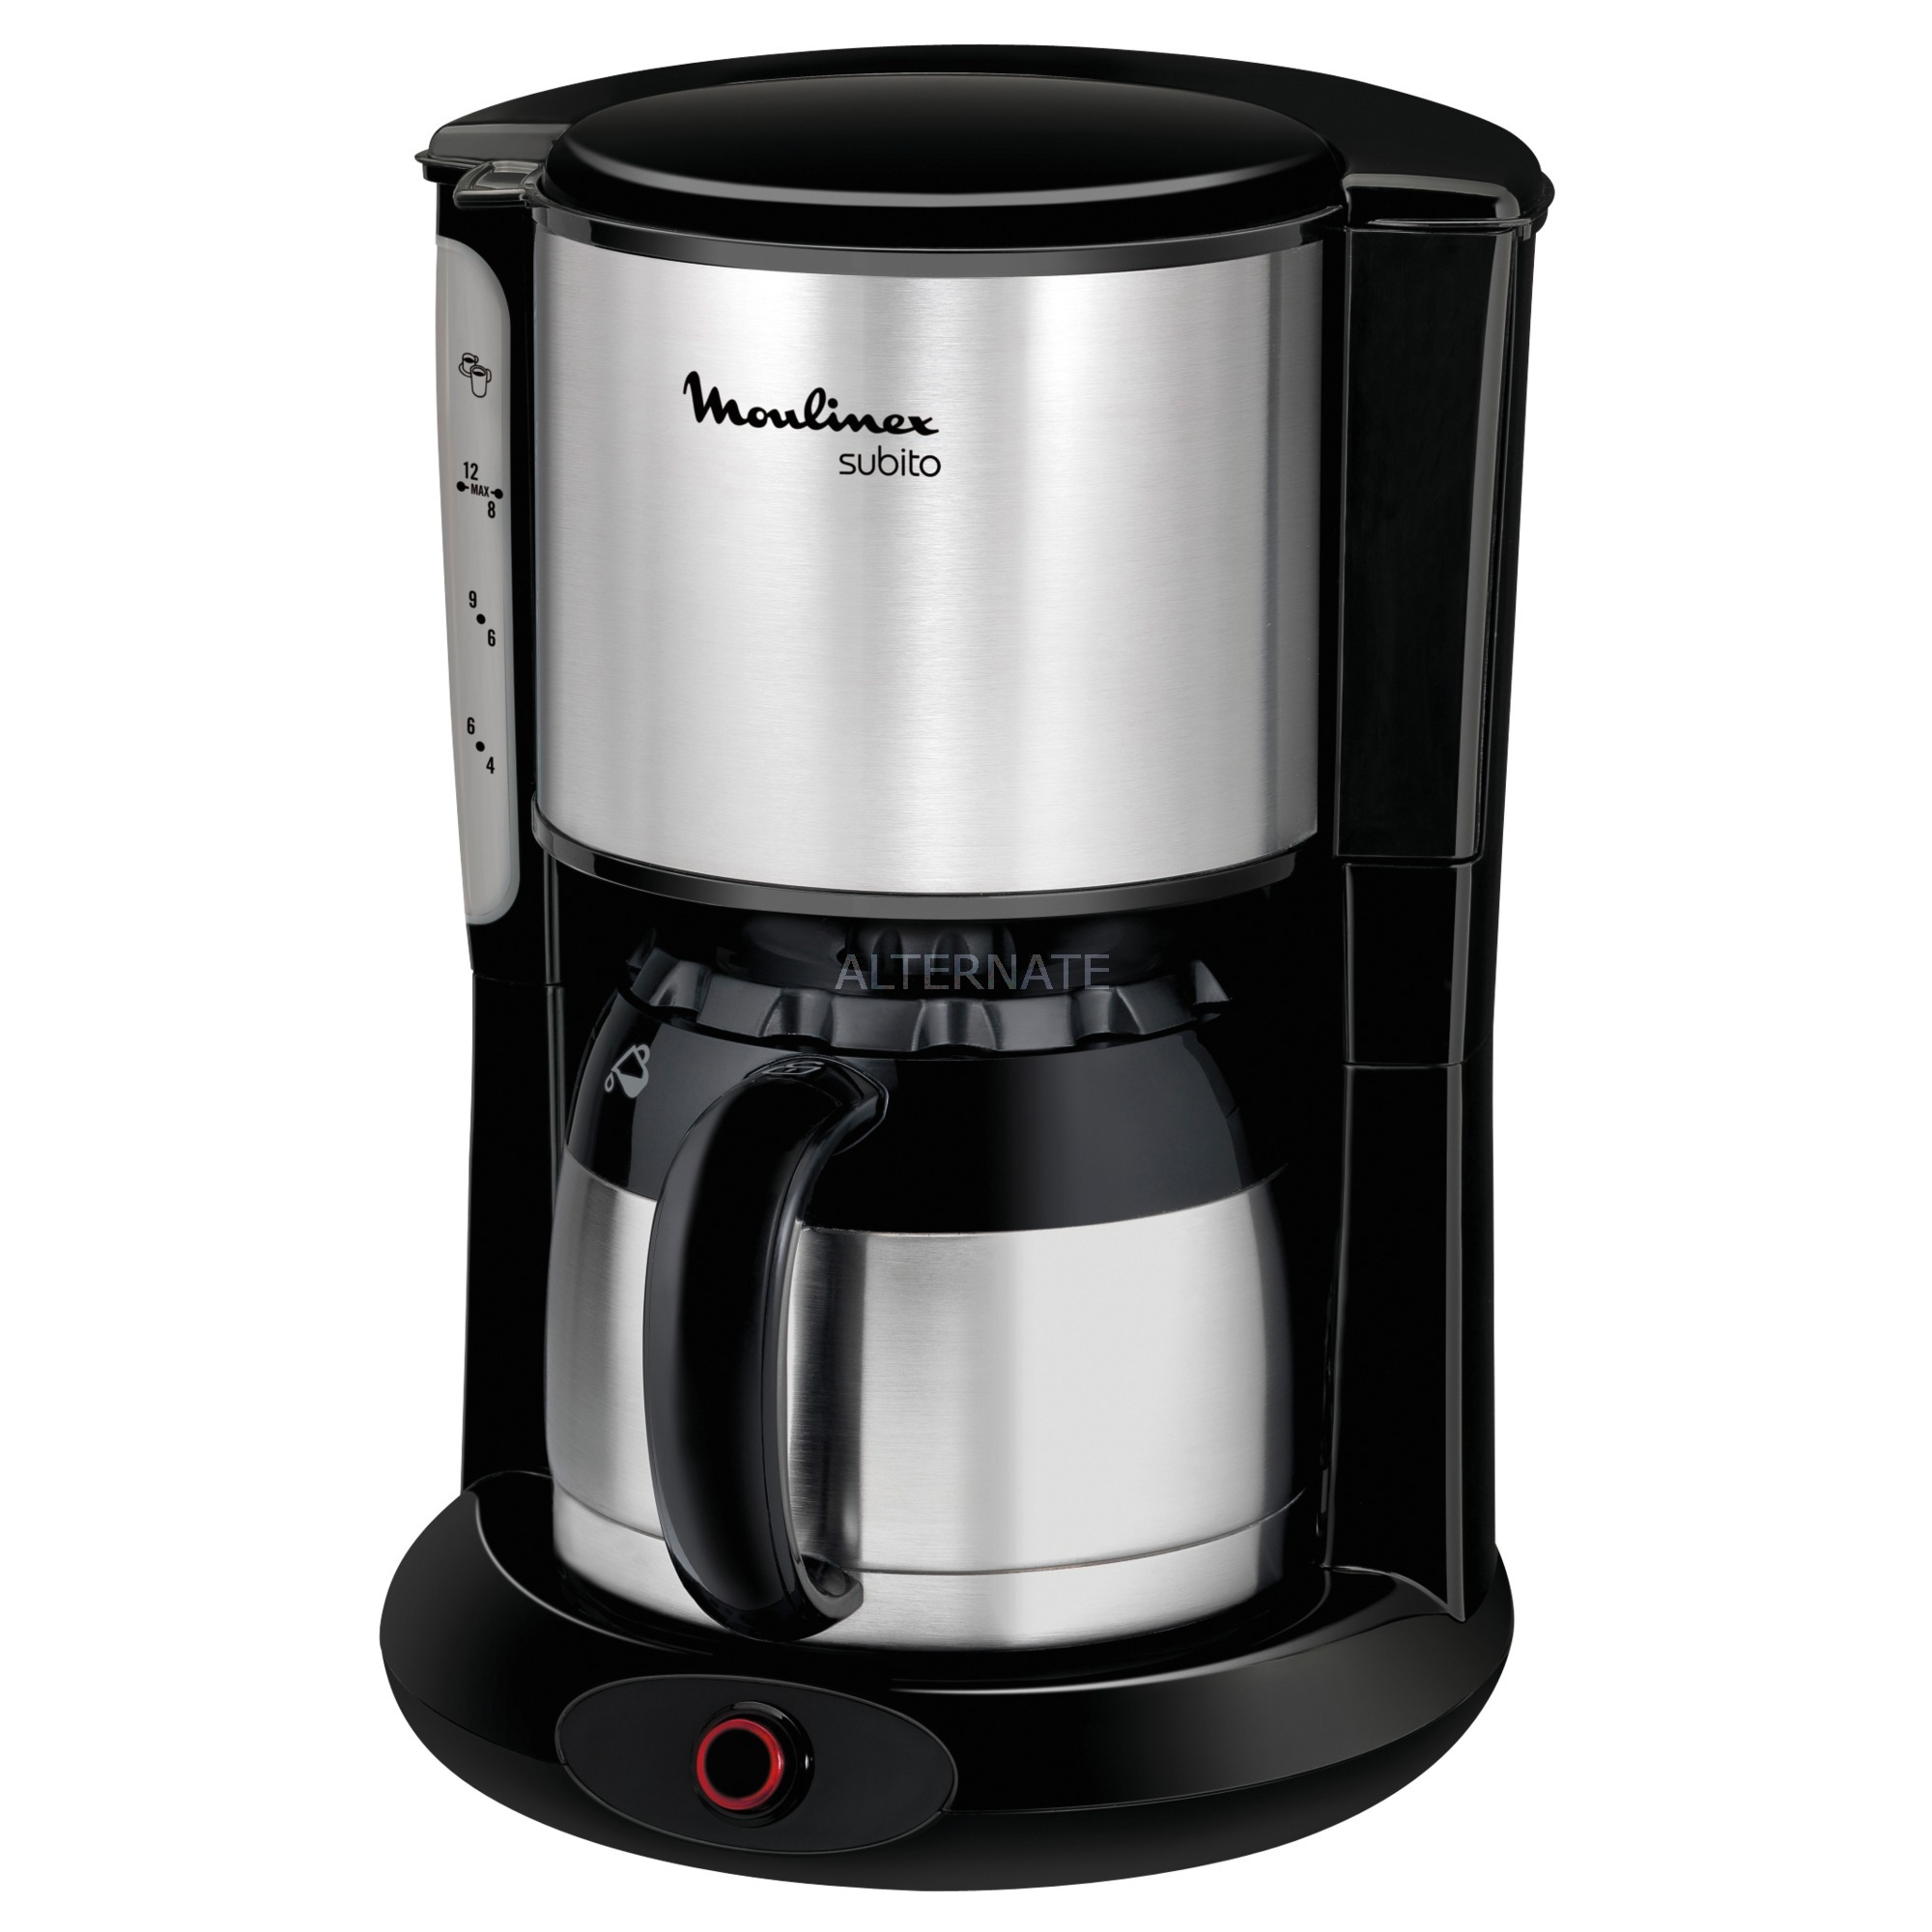 Subito Independiente Cafetera de filtro Acero inoxidable 0,9 L 10 tazas Manual